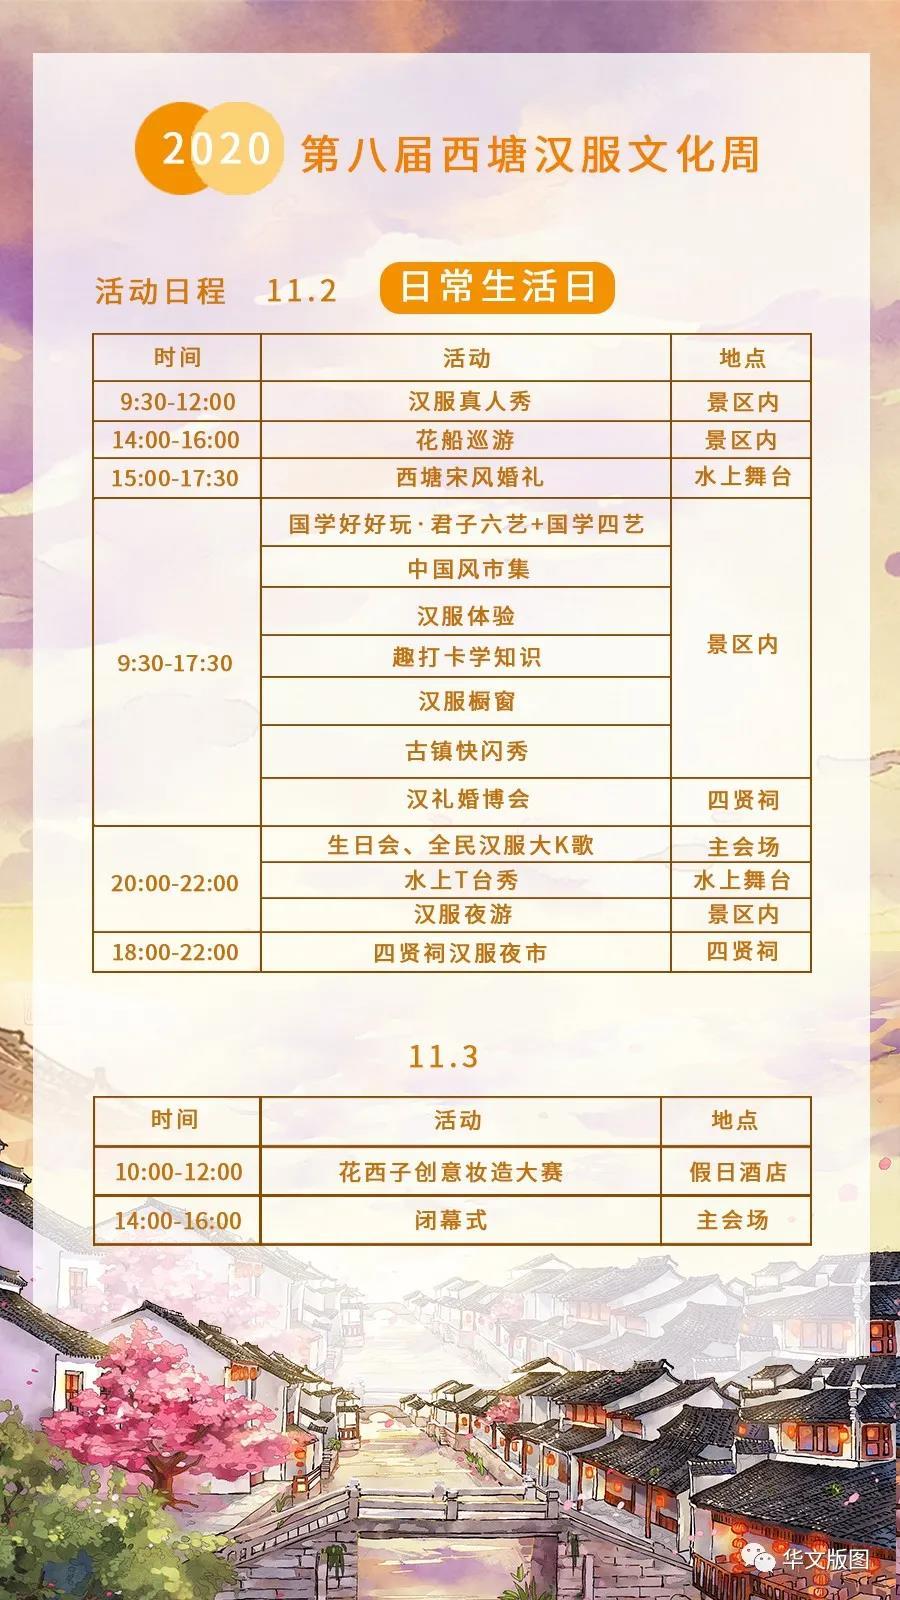 2020第八届西塘汉服文化节盛大开幕!宛若一幅历史长卷